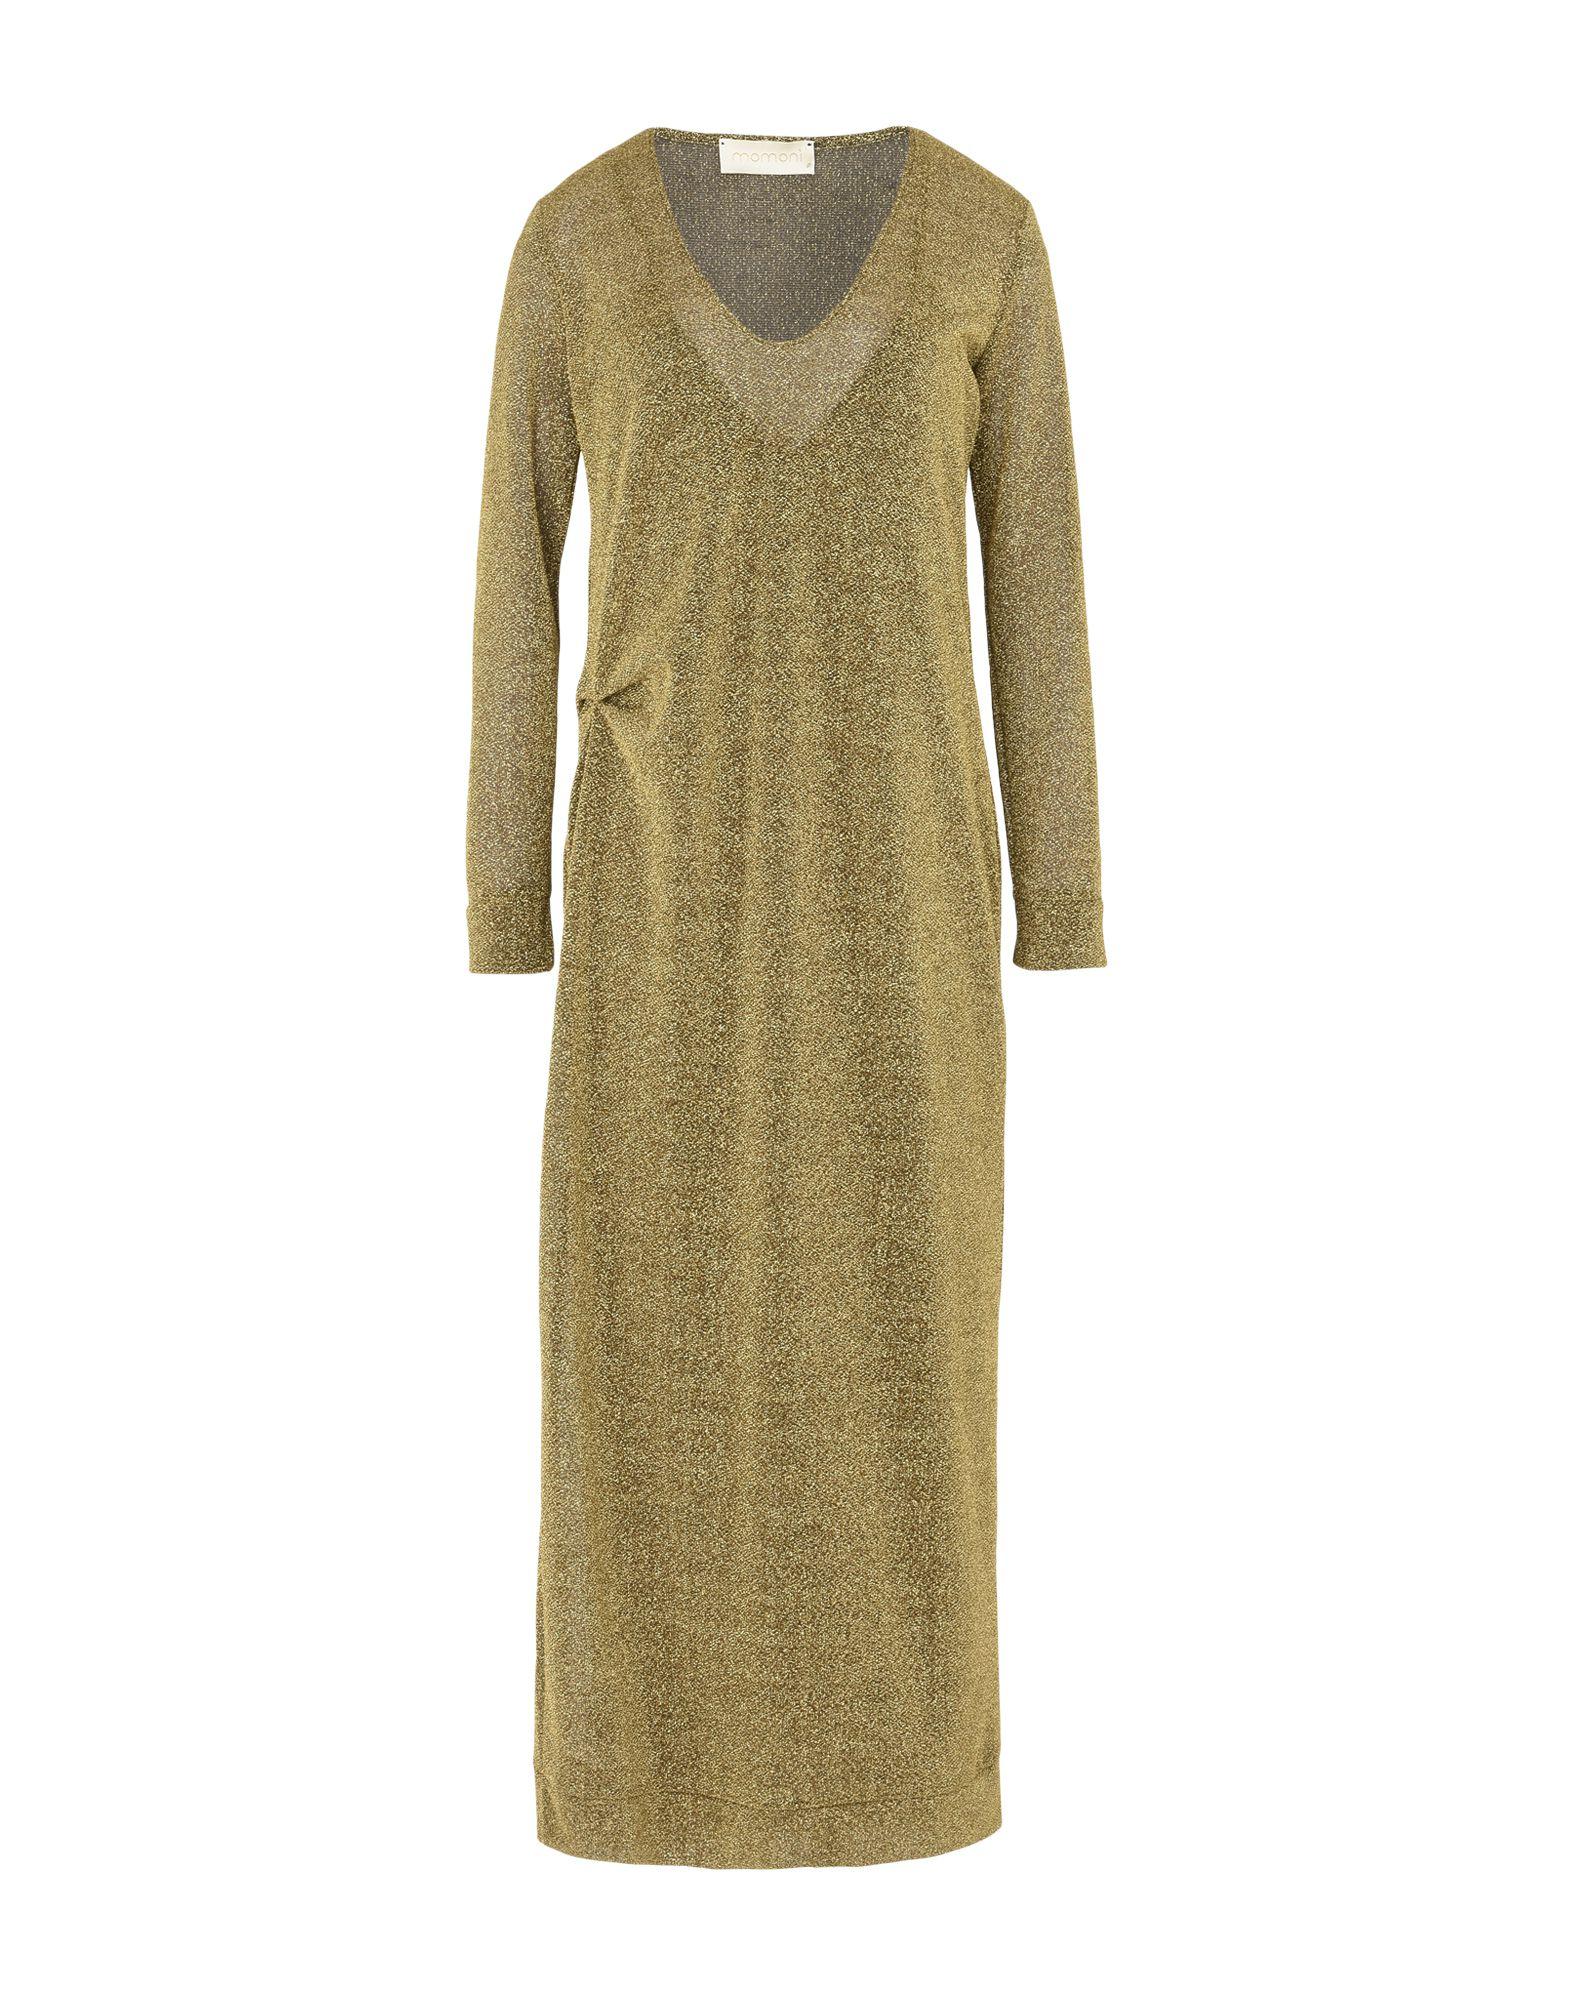 MOMONÍ Damen Langes Kleid Farbe Gold Größe 4